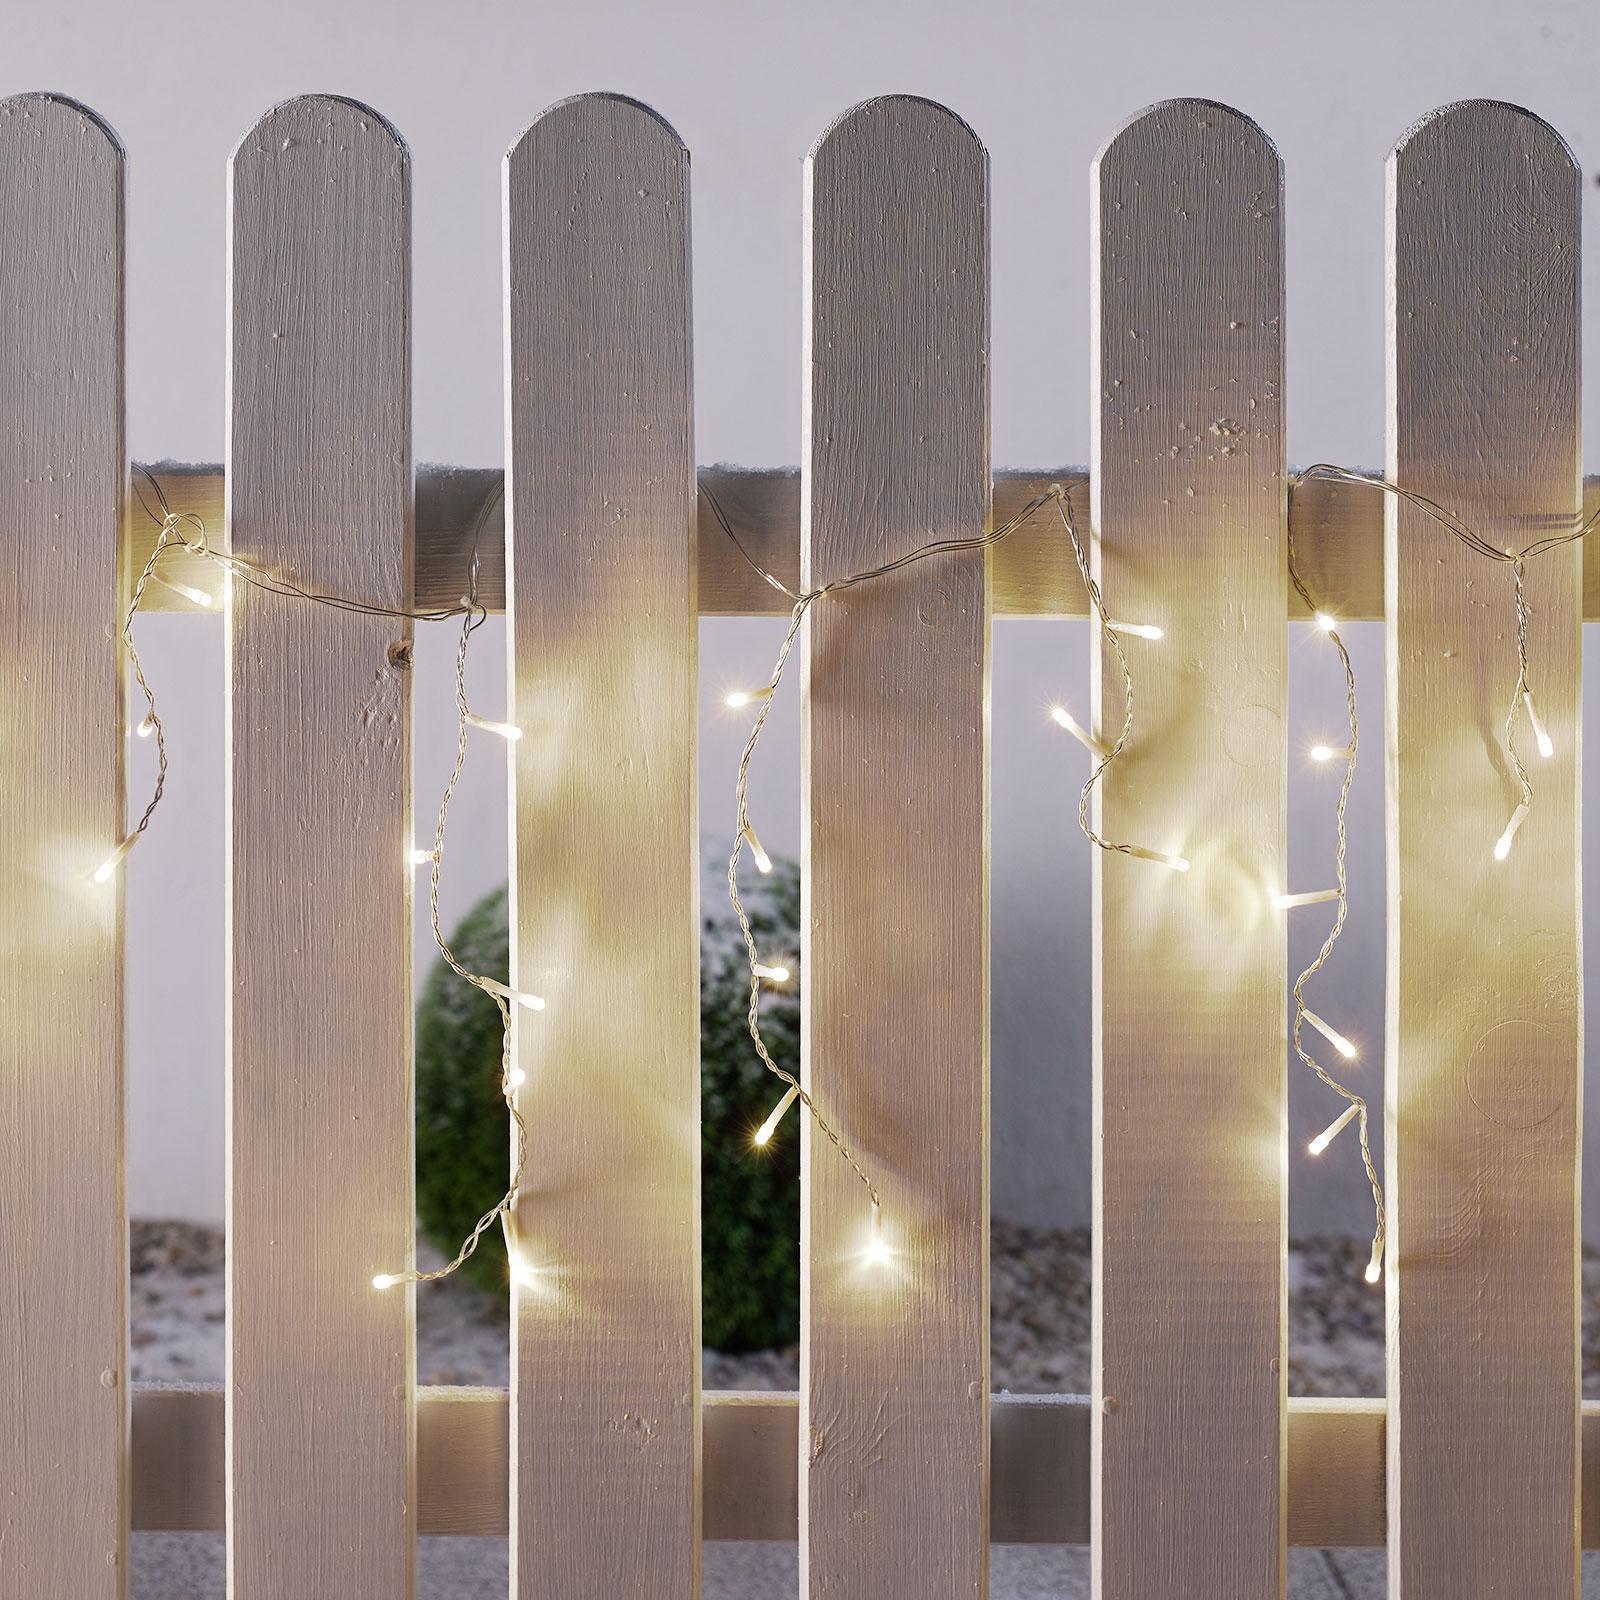 LED-istapp serie LED för utomhusbruk, 144 lampor